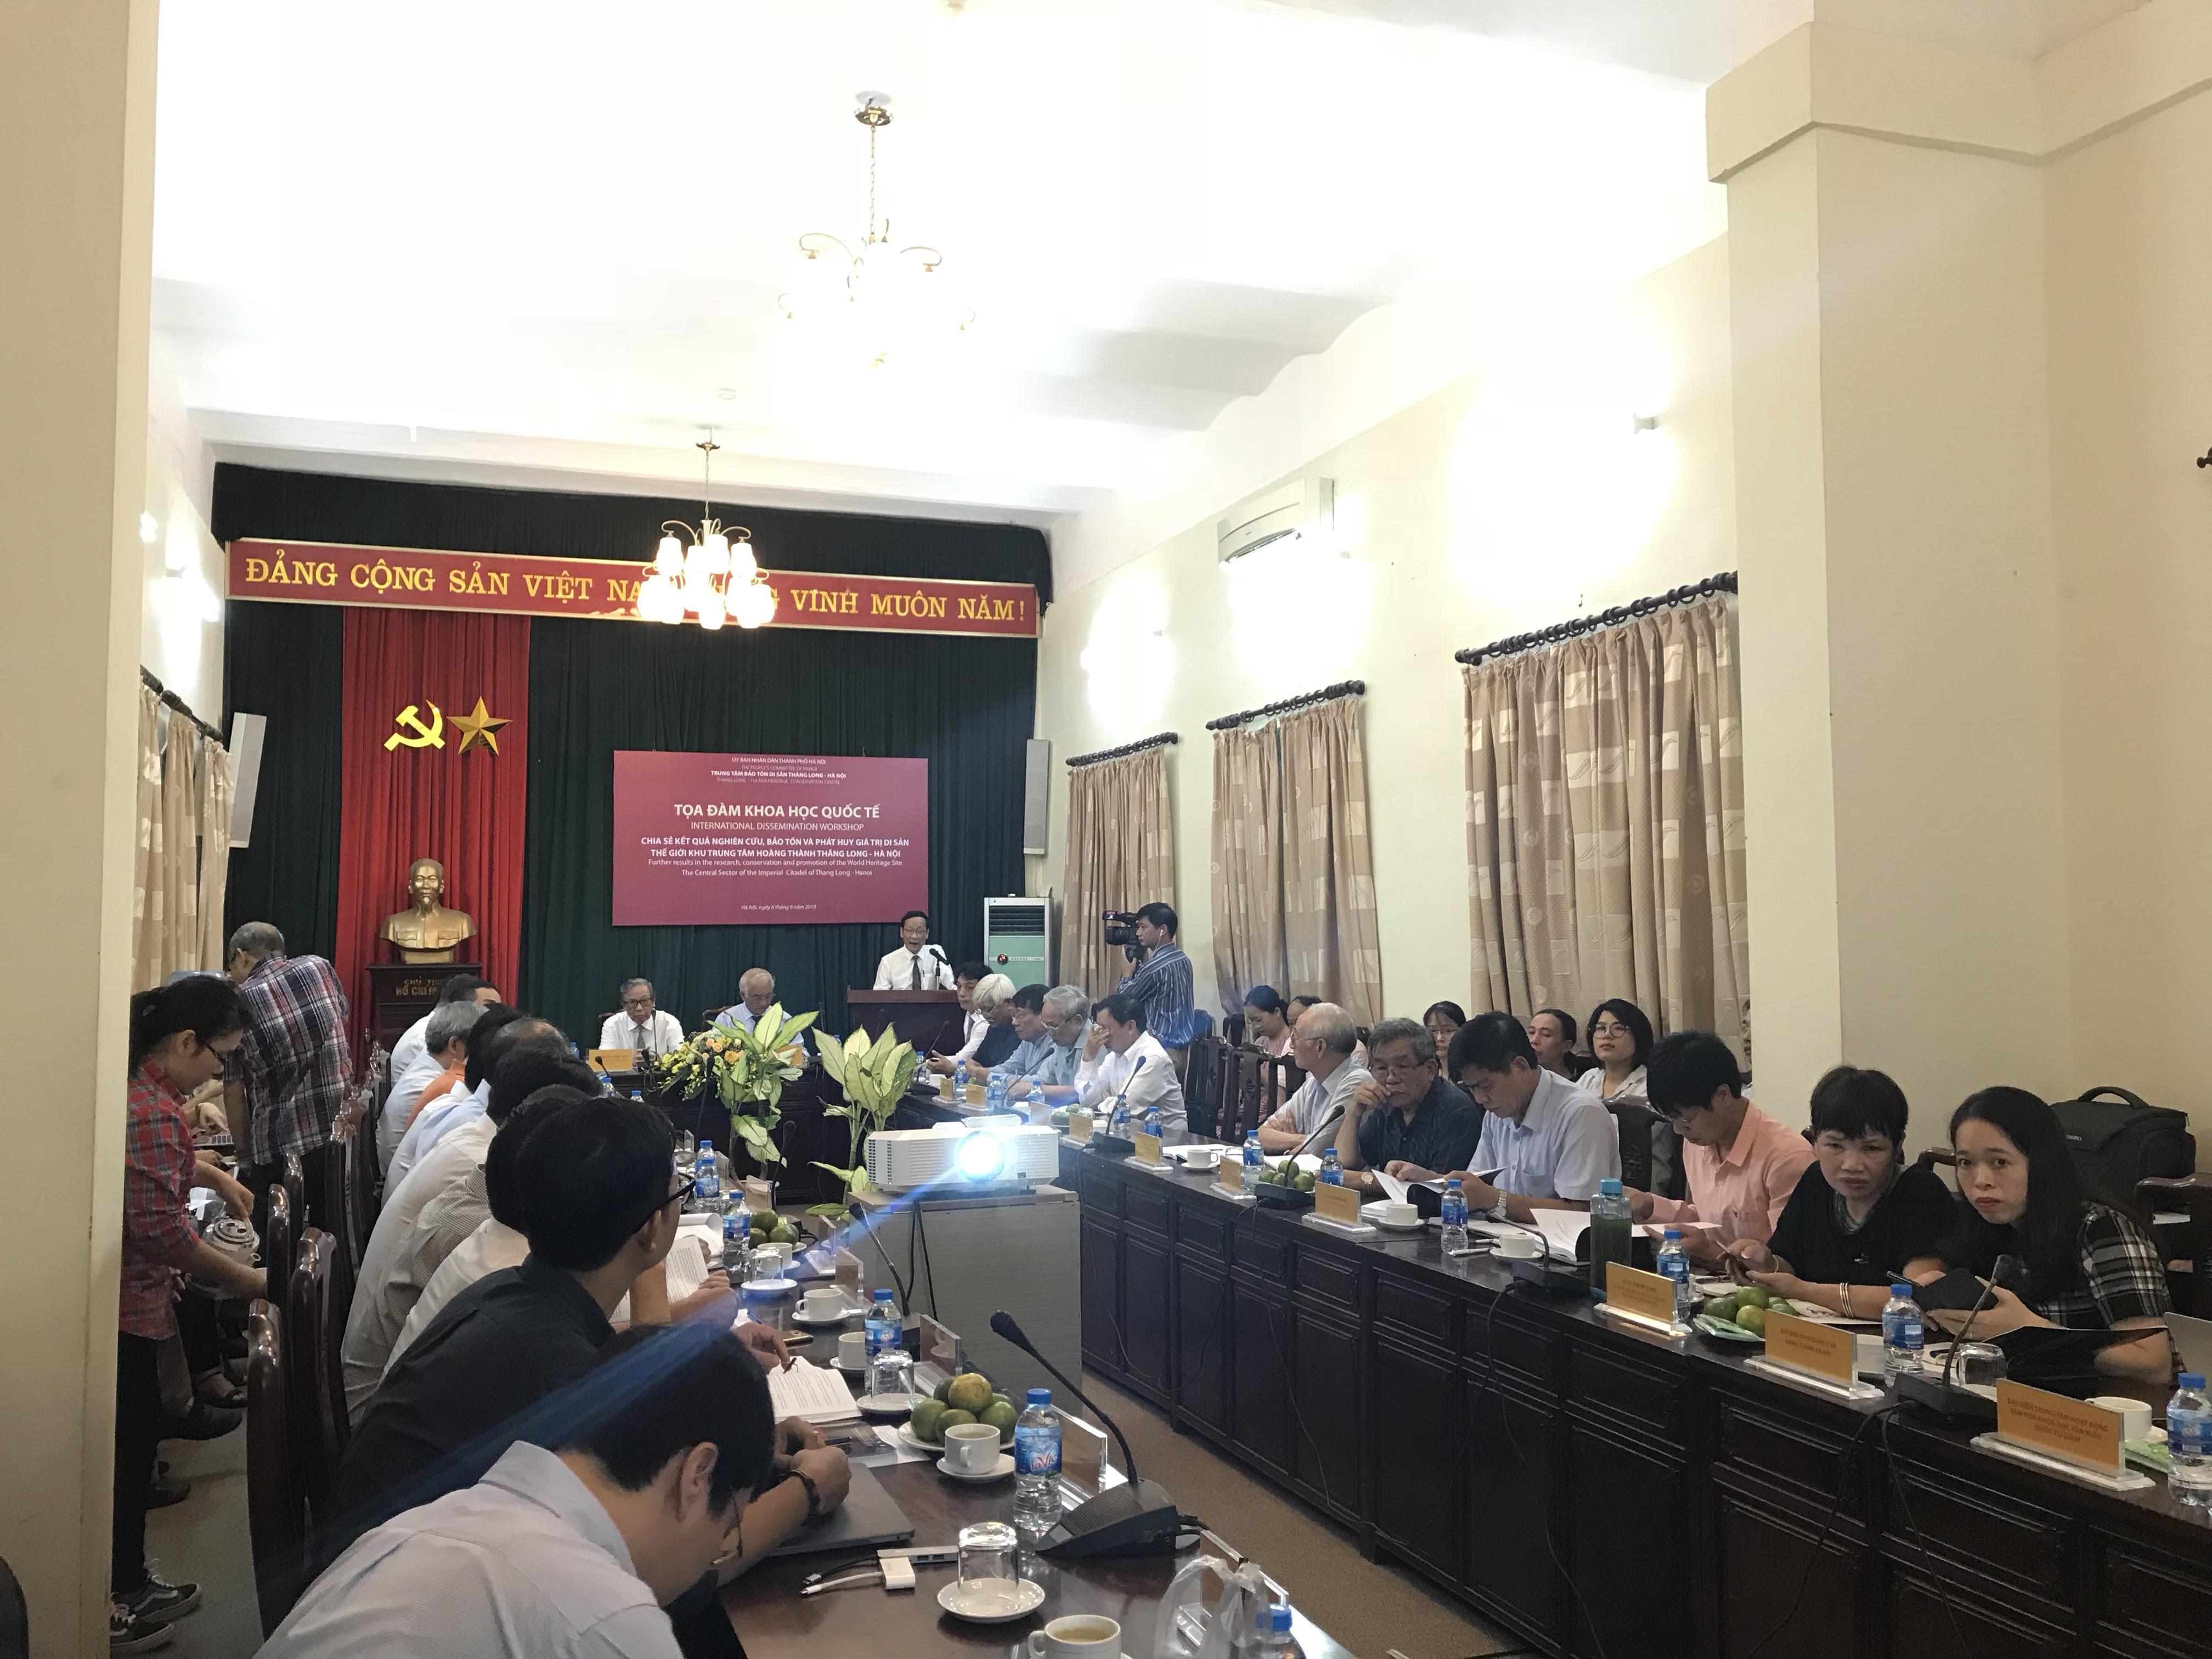 Chia sẻ kết quả nghiên cứu, bảo tồn và phát huy giá trị Di sản Hoàng thành Thăng Long